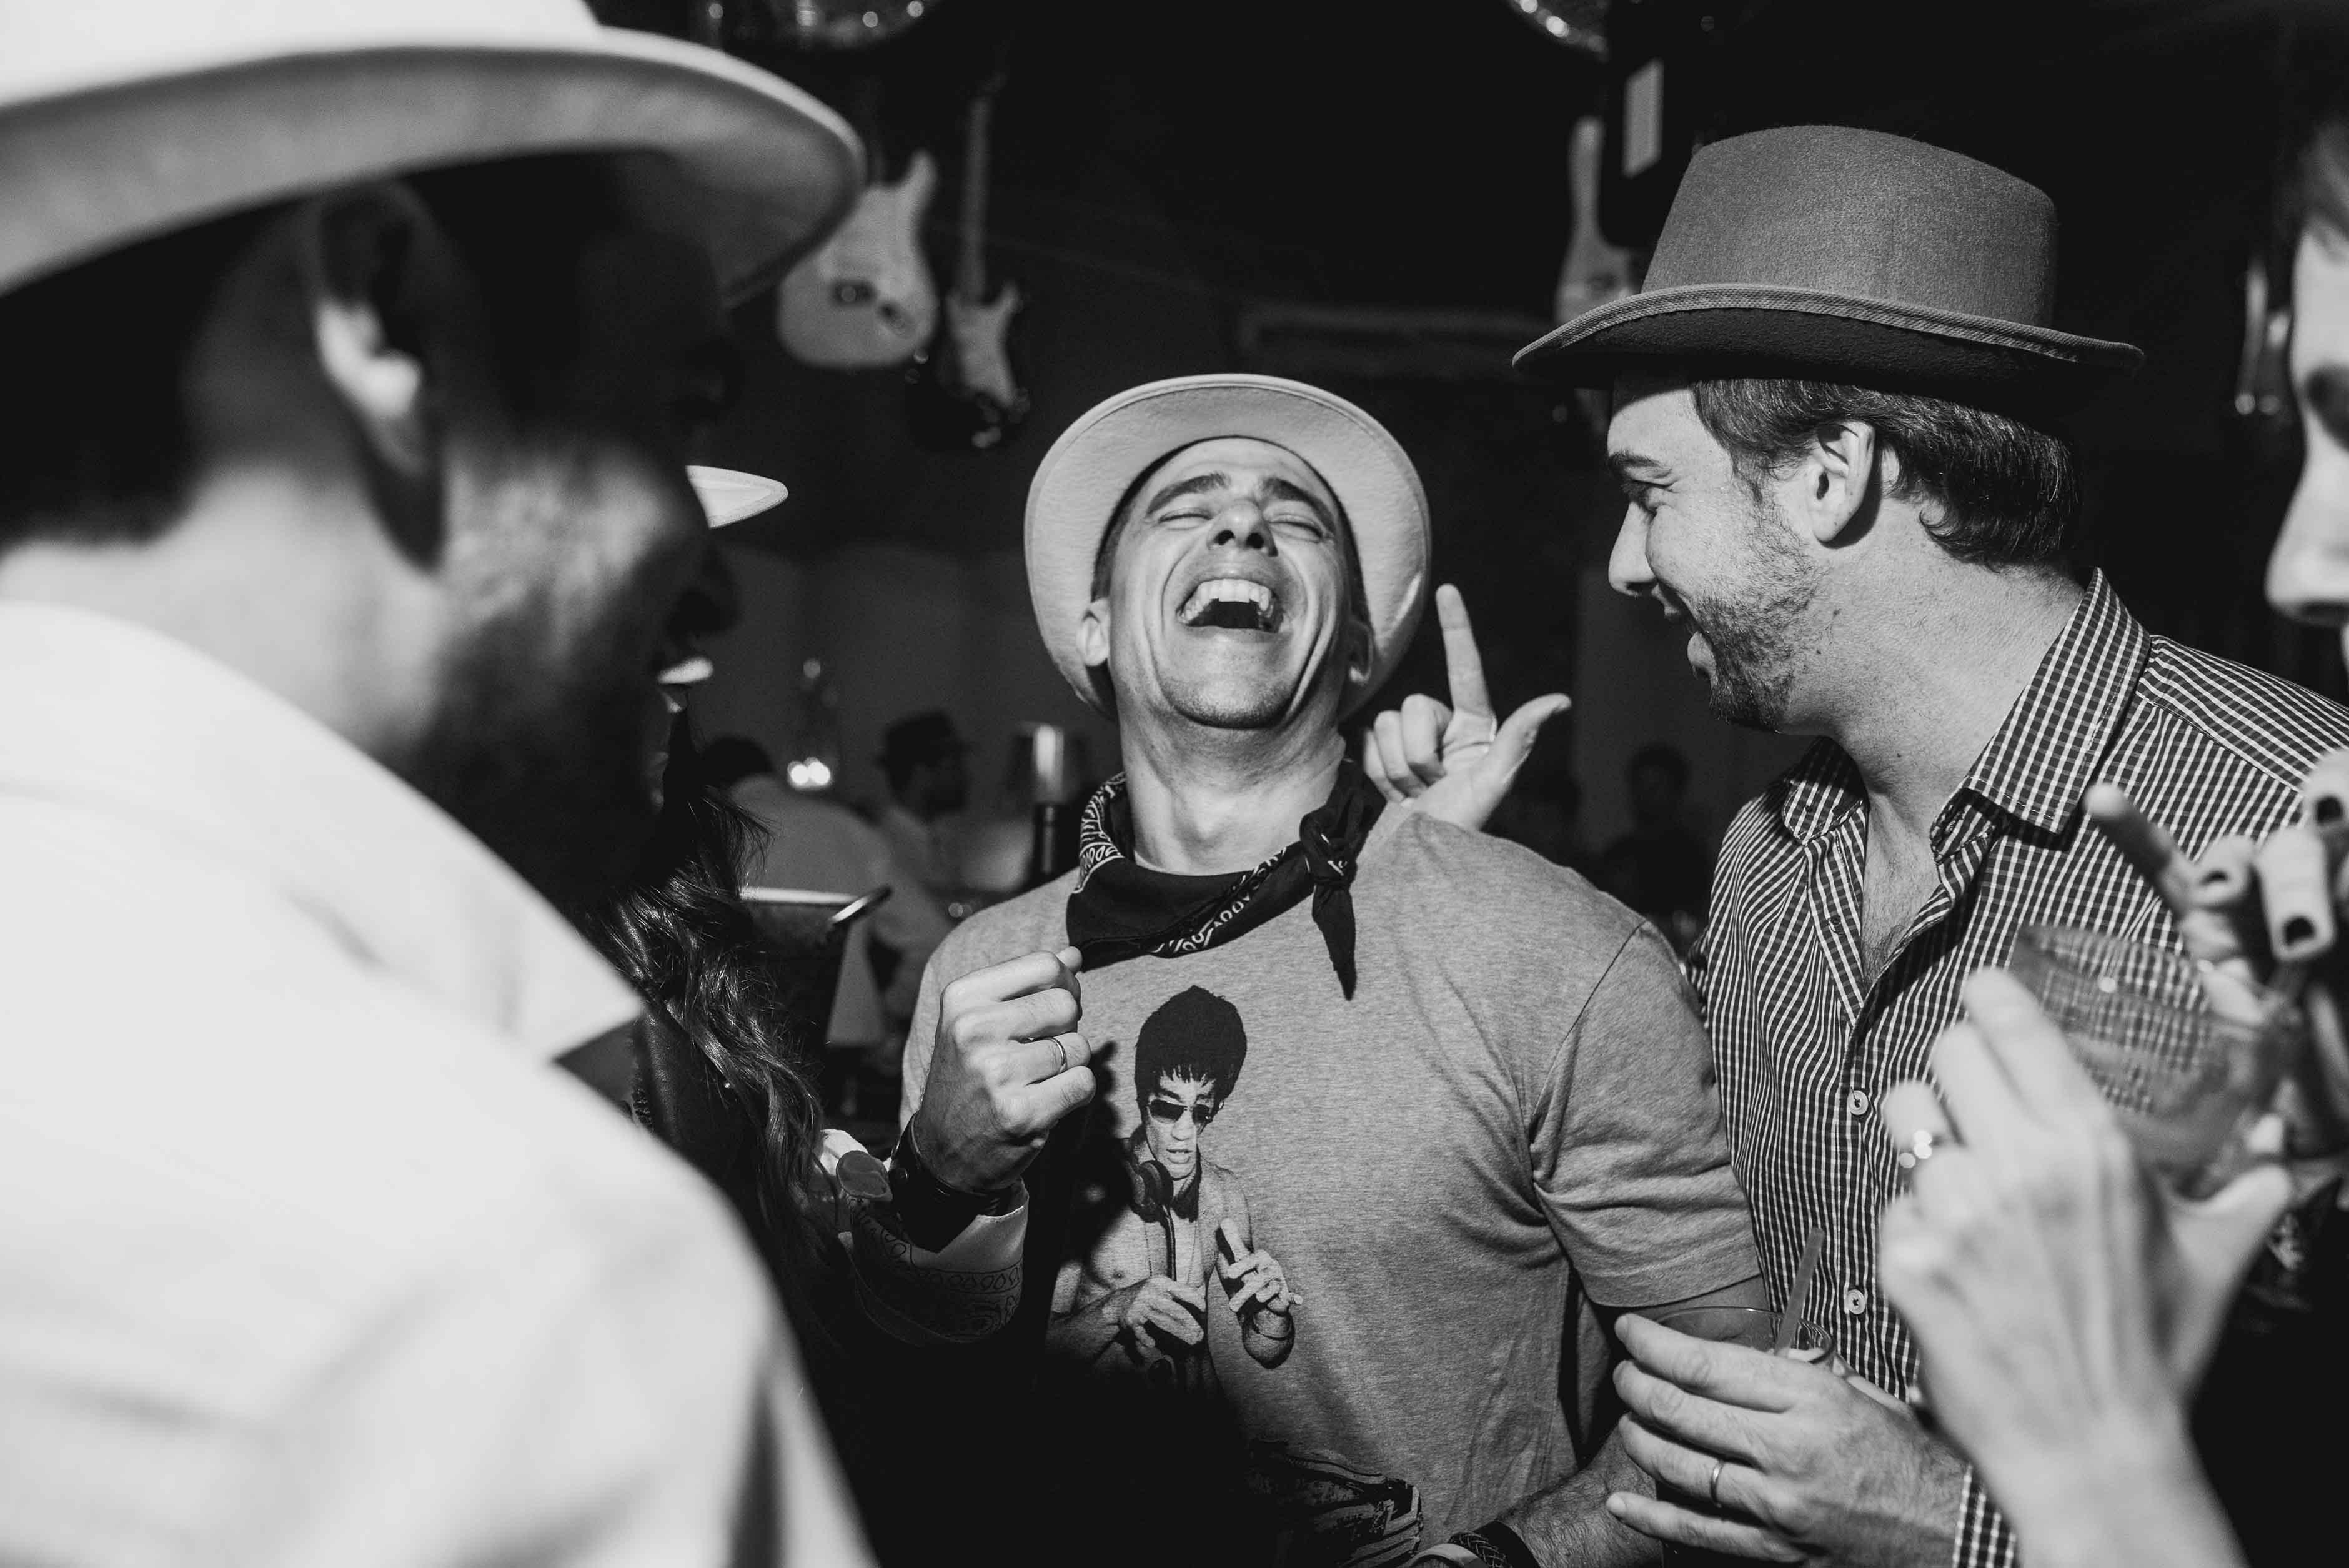 Fotos del cumpleaños de 40 de Lucky en Rosario realizadas por Bucle Fotografias Flor Bosio y Caro Clerici